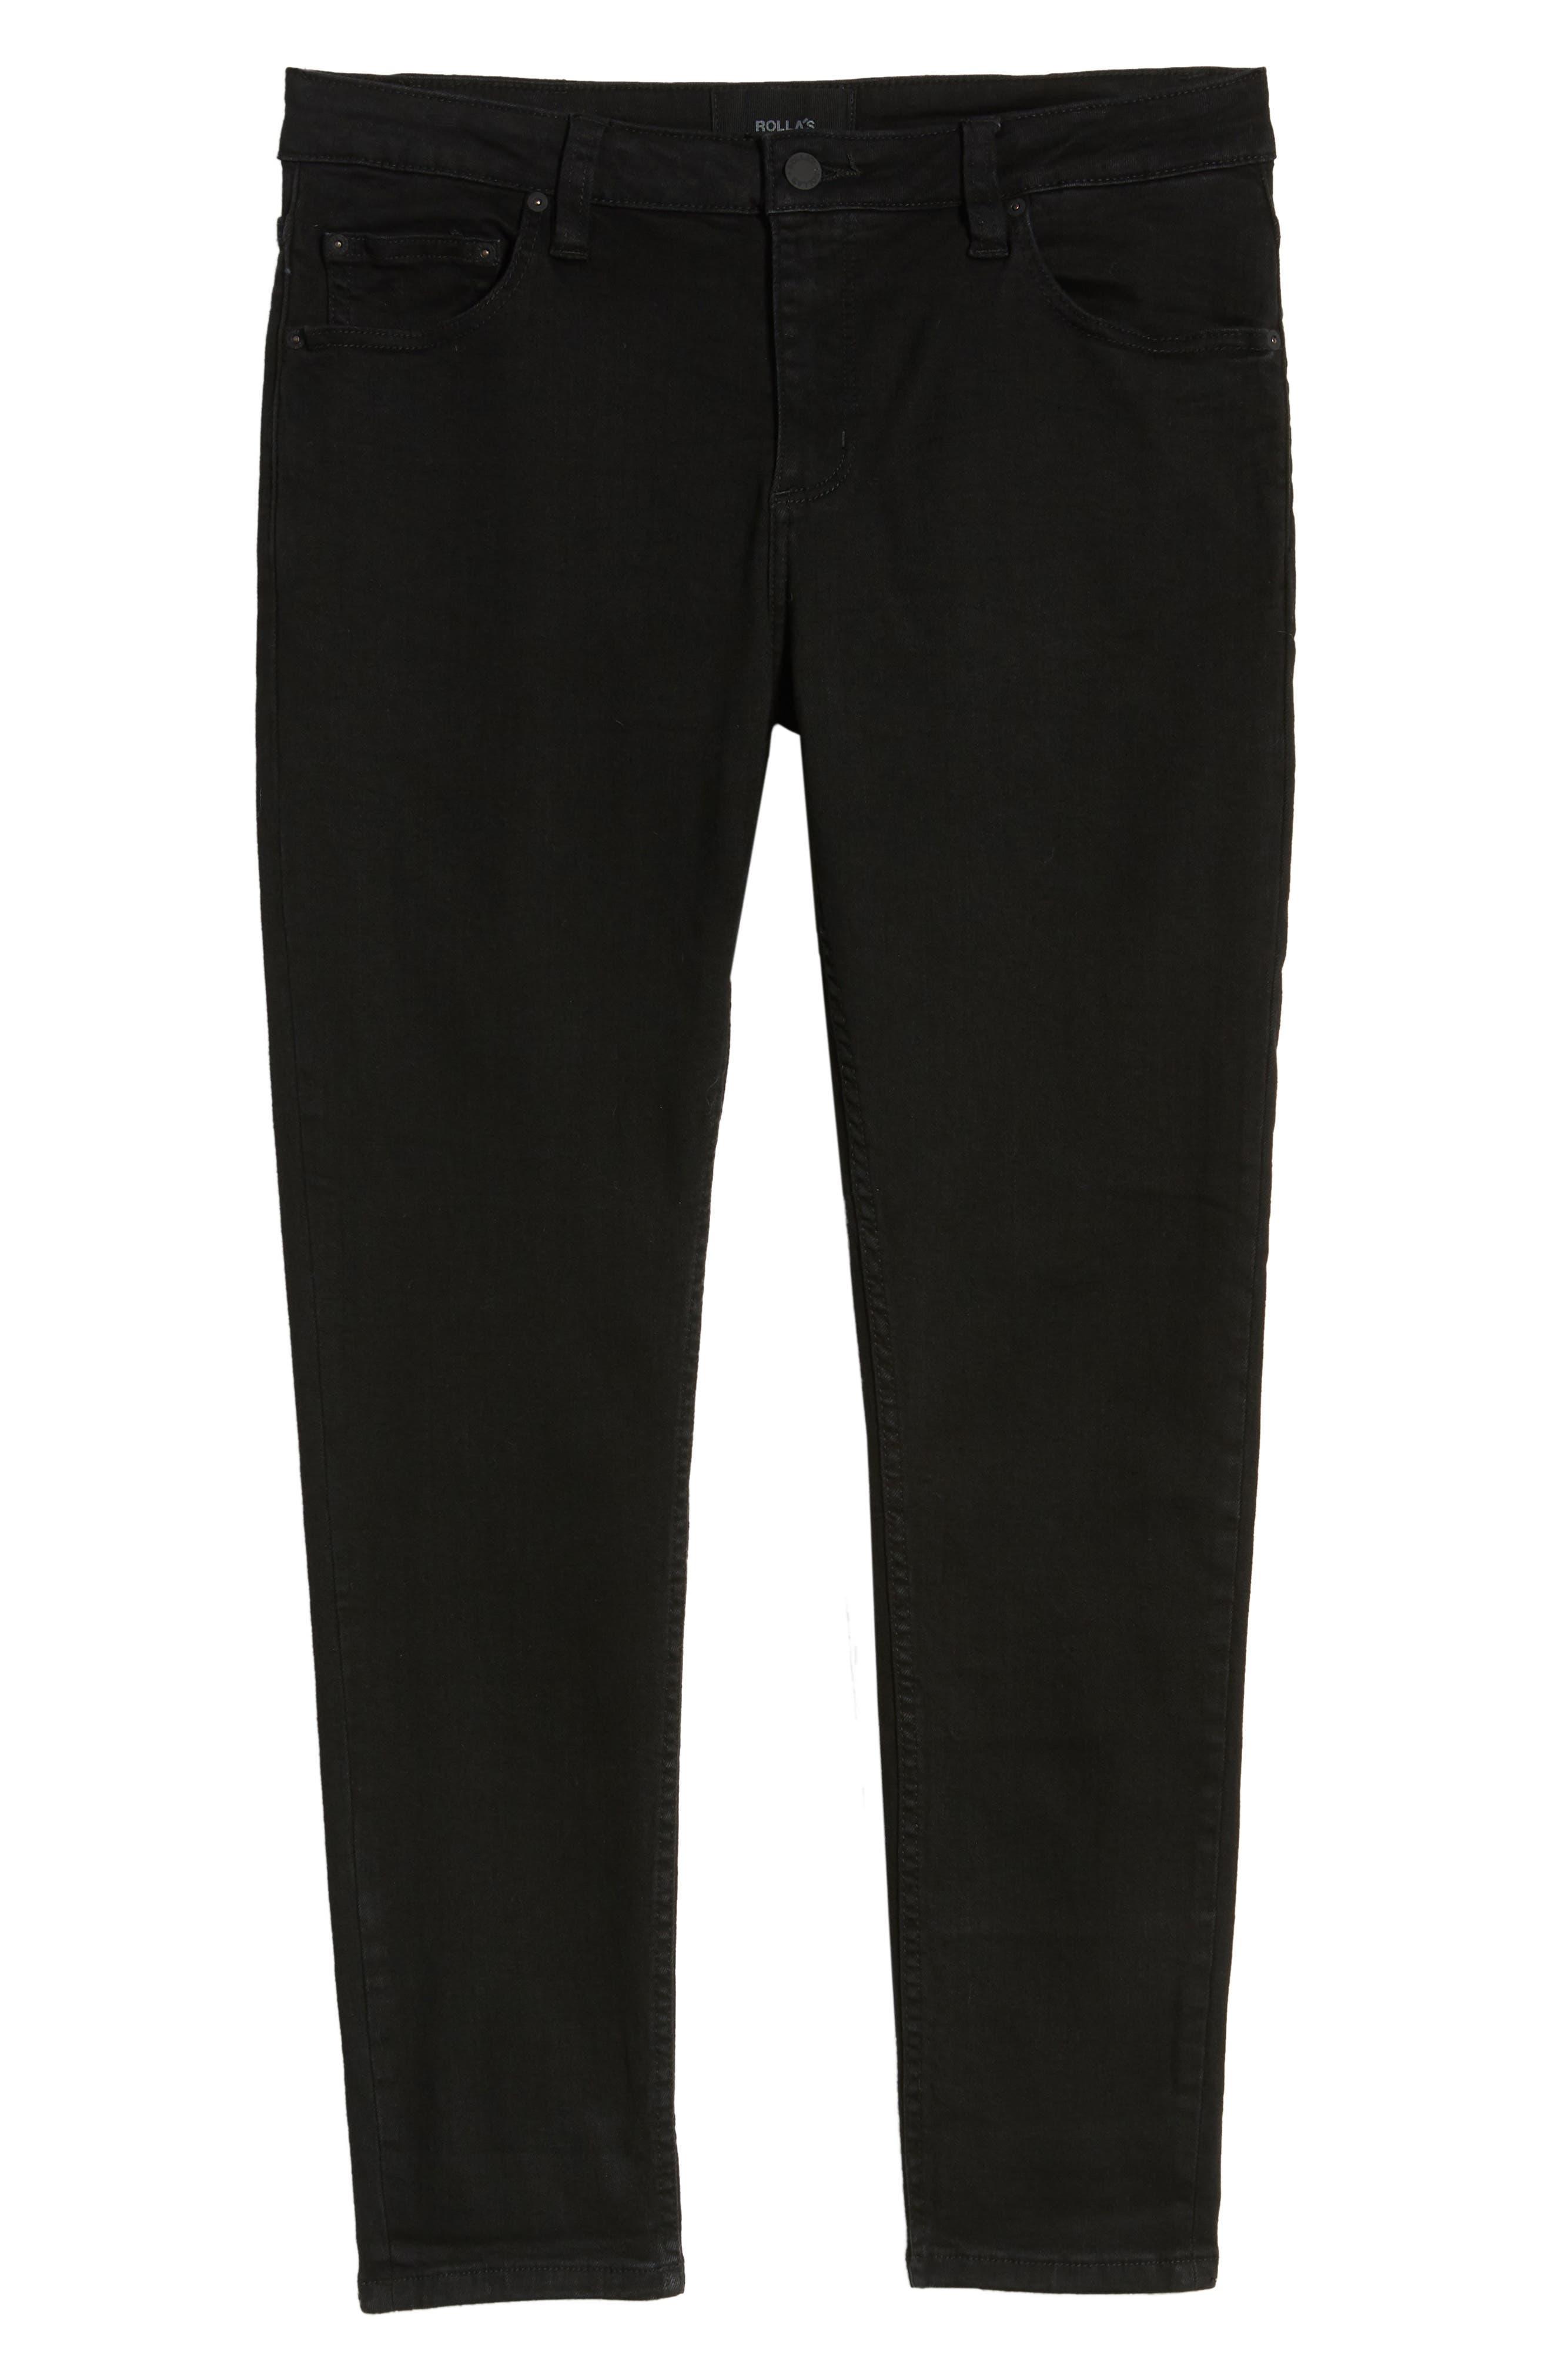 ROLLA'S,                             Rollies Slim Fit Jeans,                             Alternate thumbnail 4, color,                             BLACK RAVEN